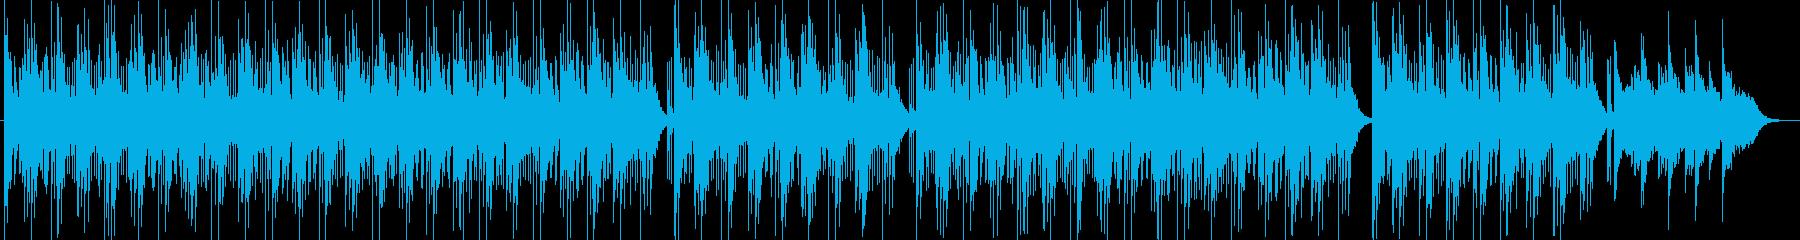 物憂げなピアノのメロディーの再生済みの波形